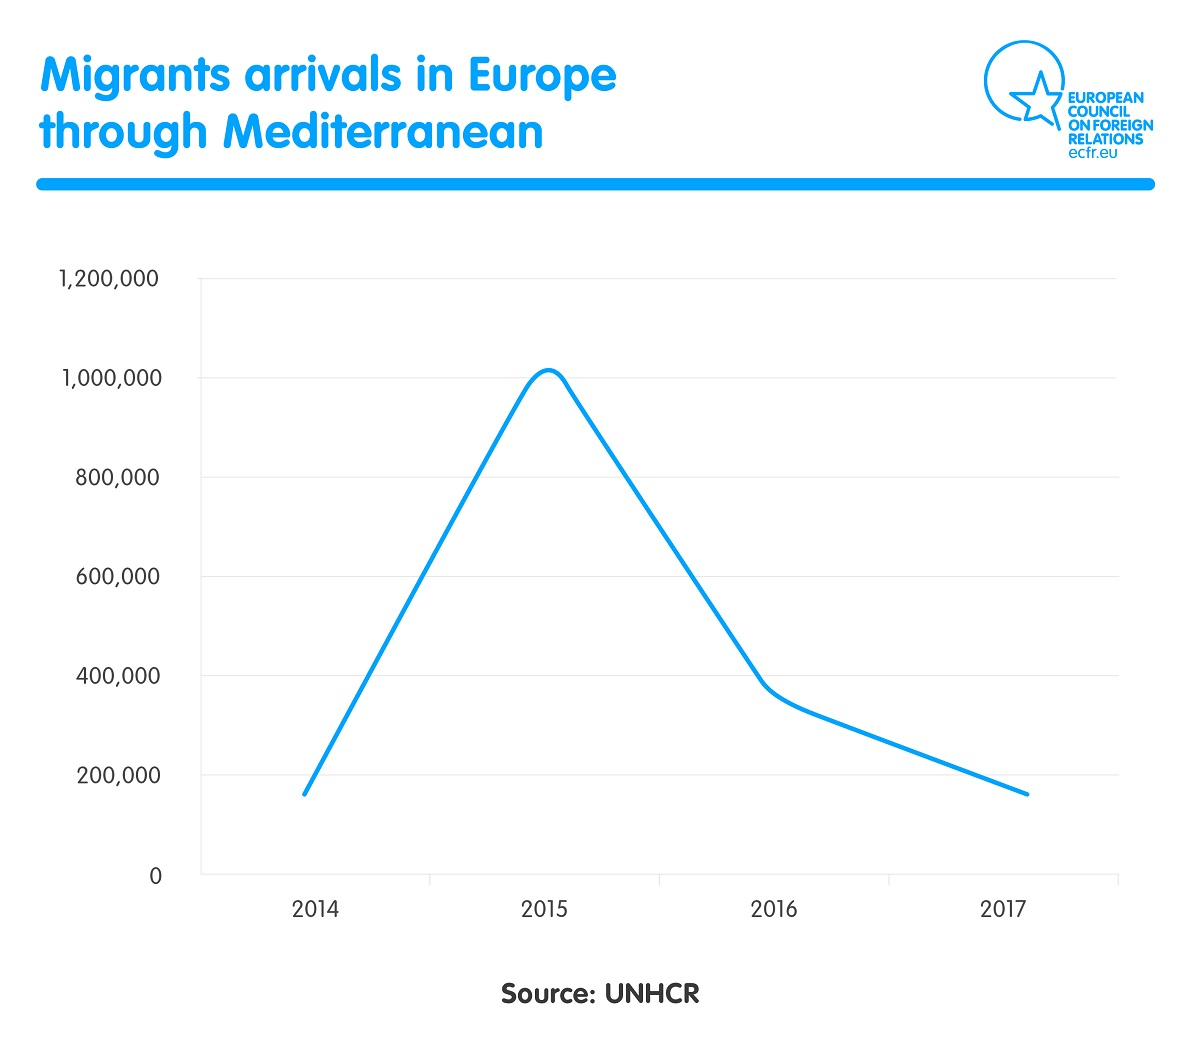 migrants arrivals in Europe